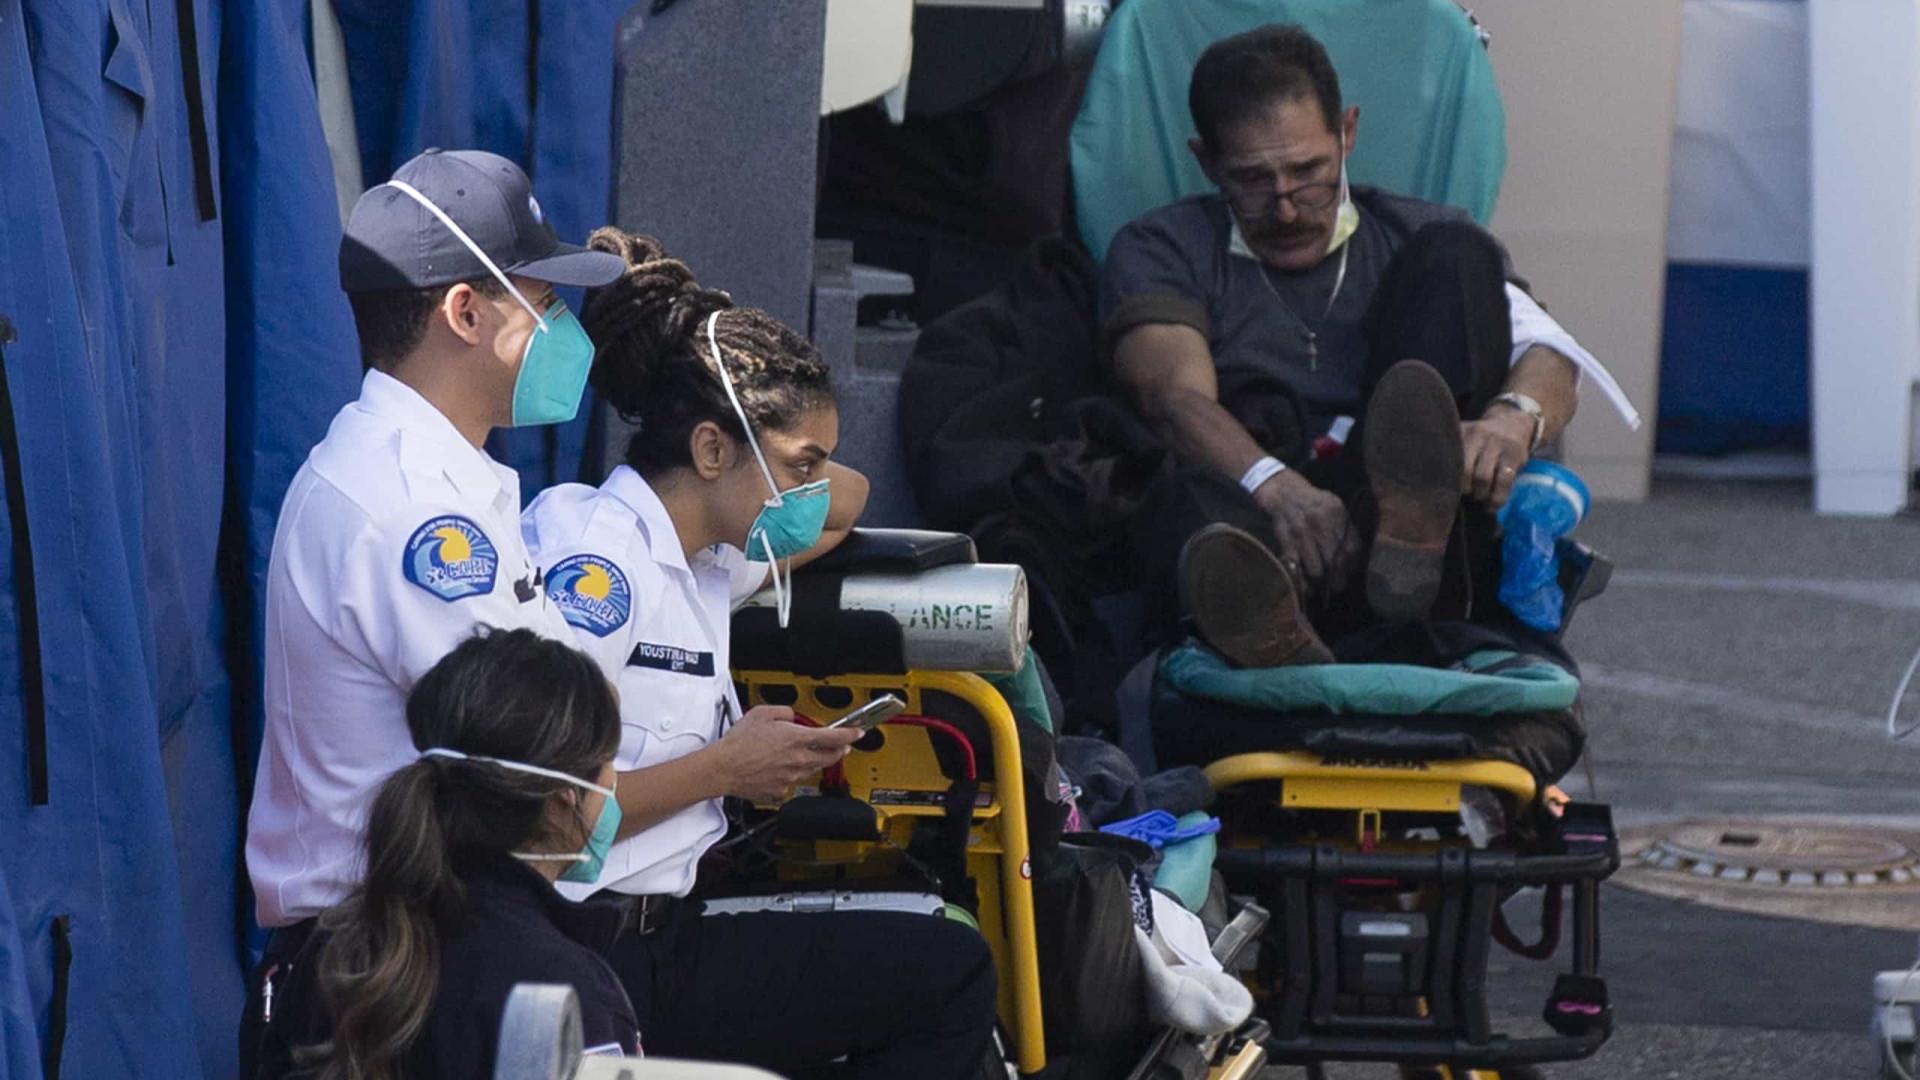 EUA com quase 4.500 mortos num só dia, maior número até hoje